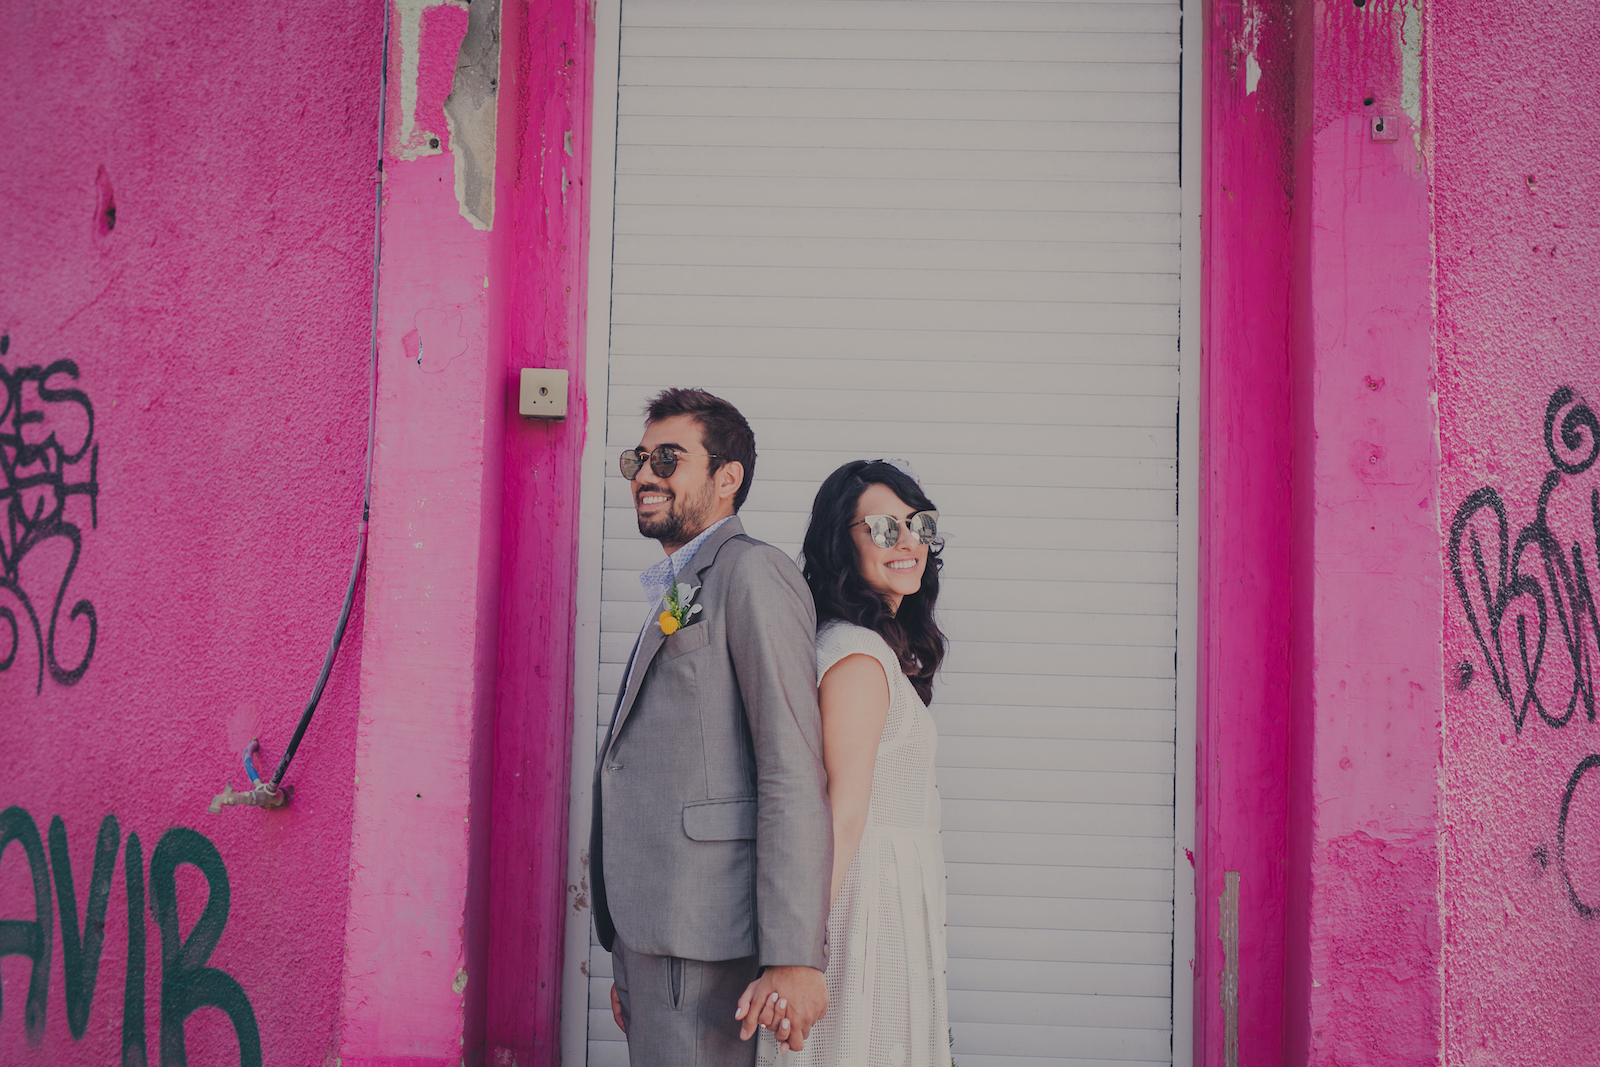 אורבן שיק: החתונה של ירדן ועומרי